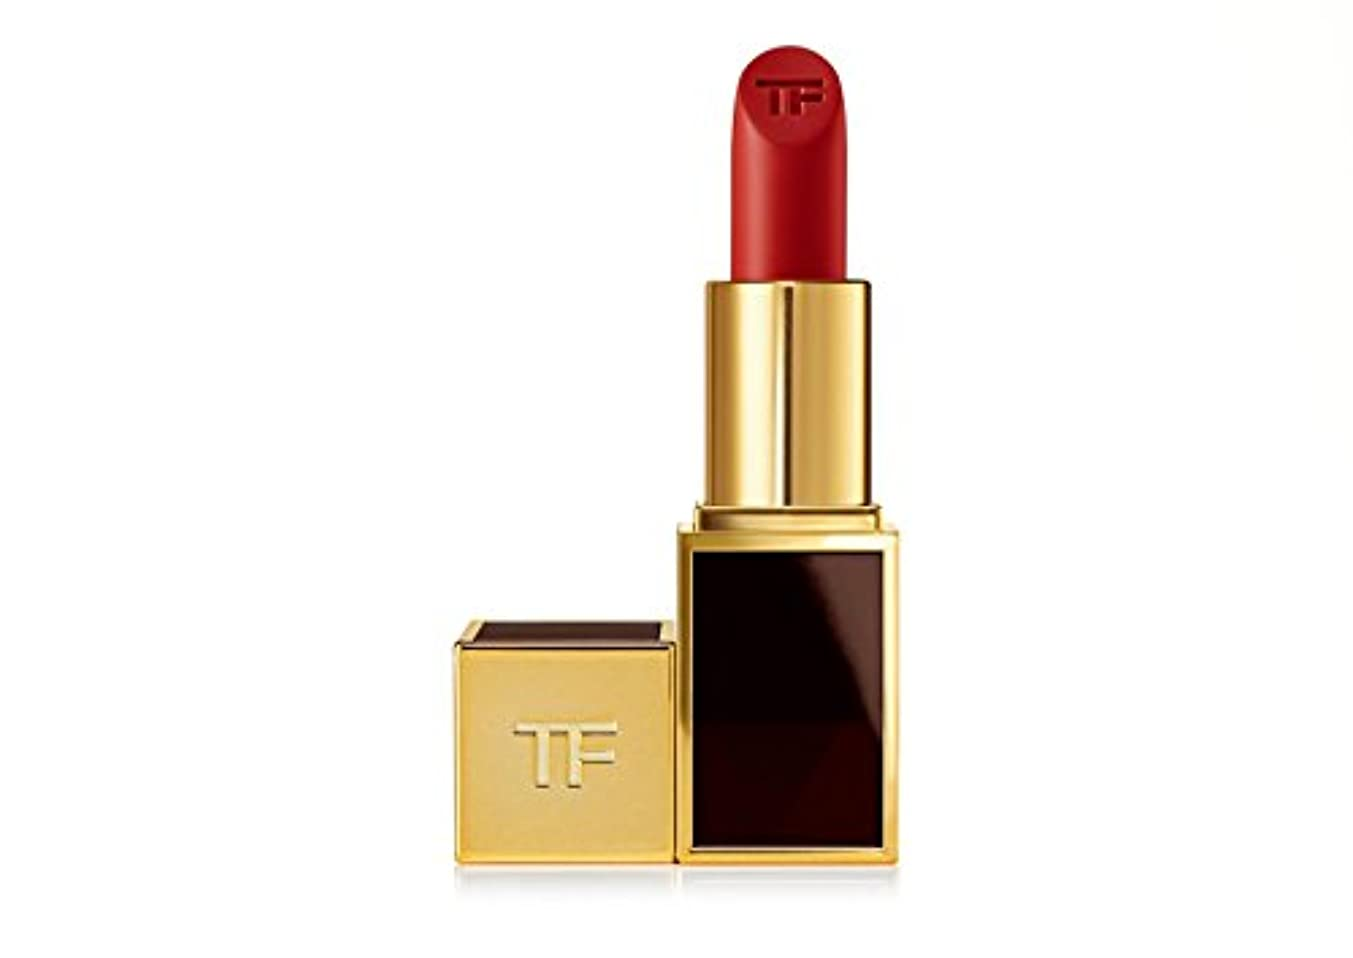 実証するインターネット純度トムフォード リップス アンド ボーイズ 8 レッズ リップカラー 口紅 Tom Ford Lipstick 8 REDS Lip Color Lips and Boys (Dylan ディラン) [並行輸入品]